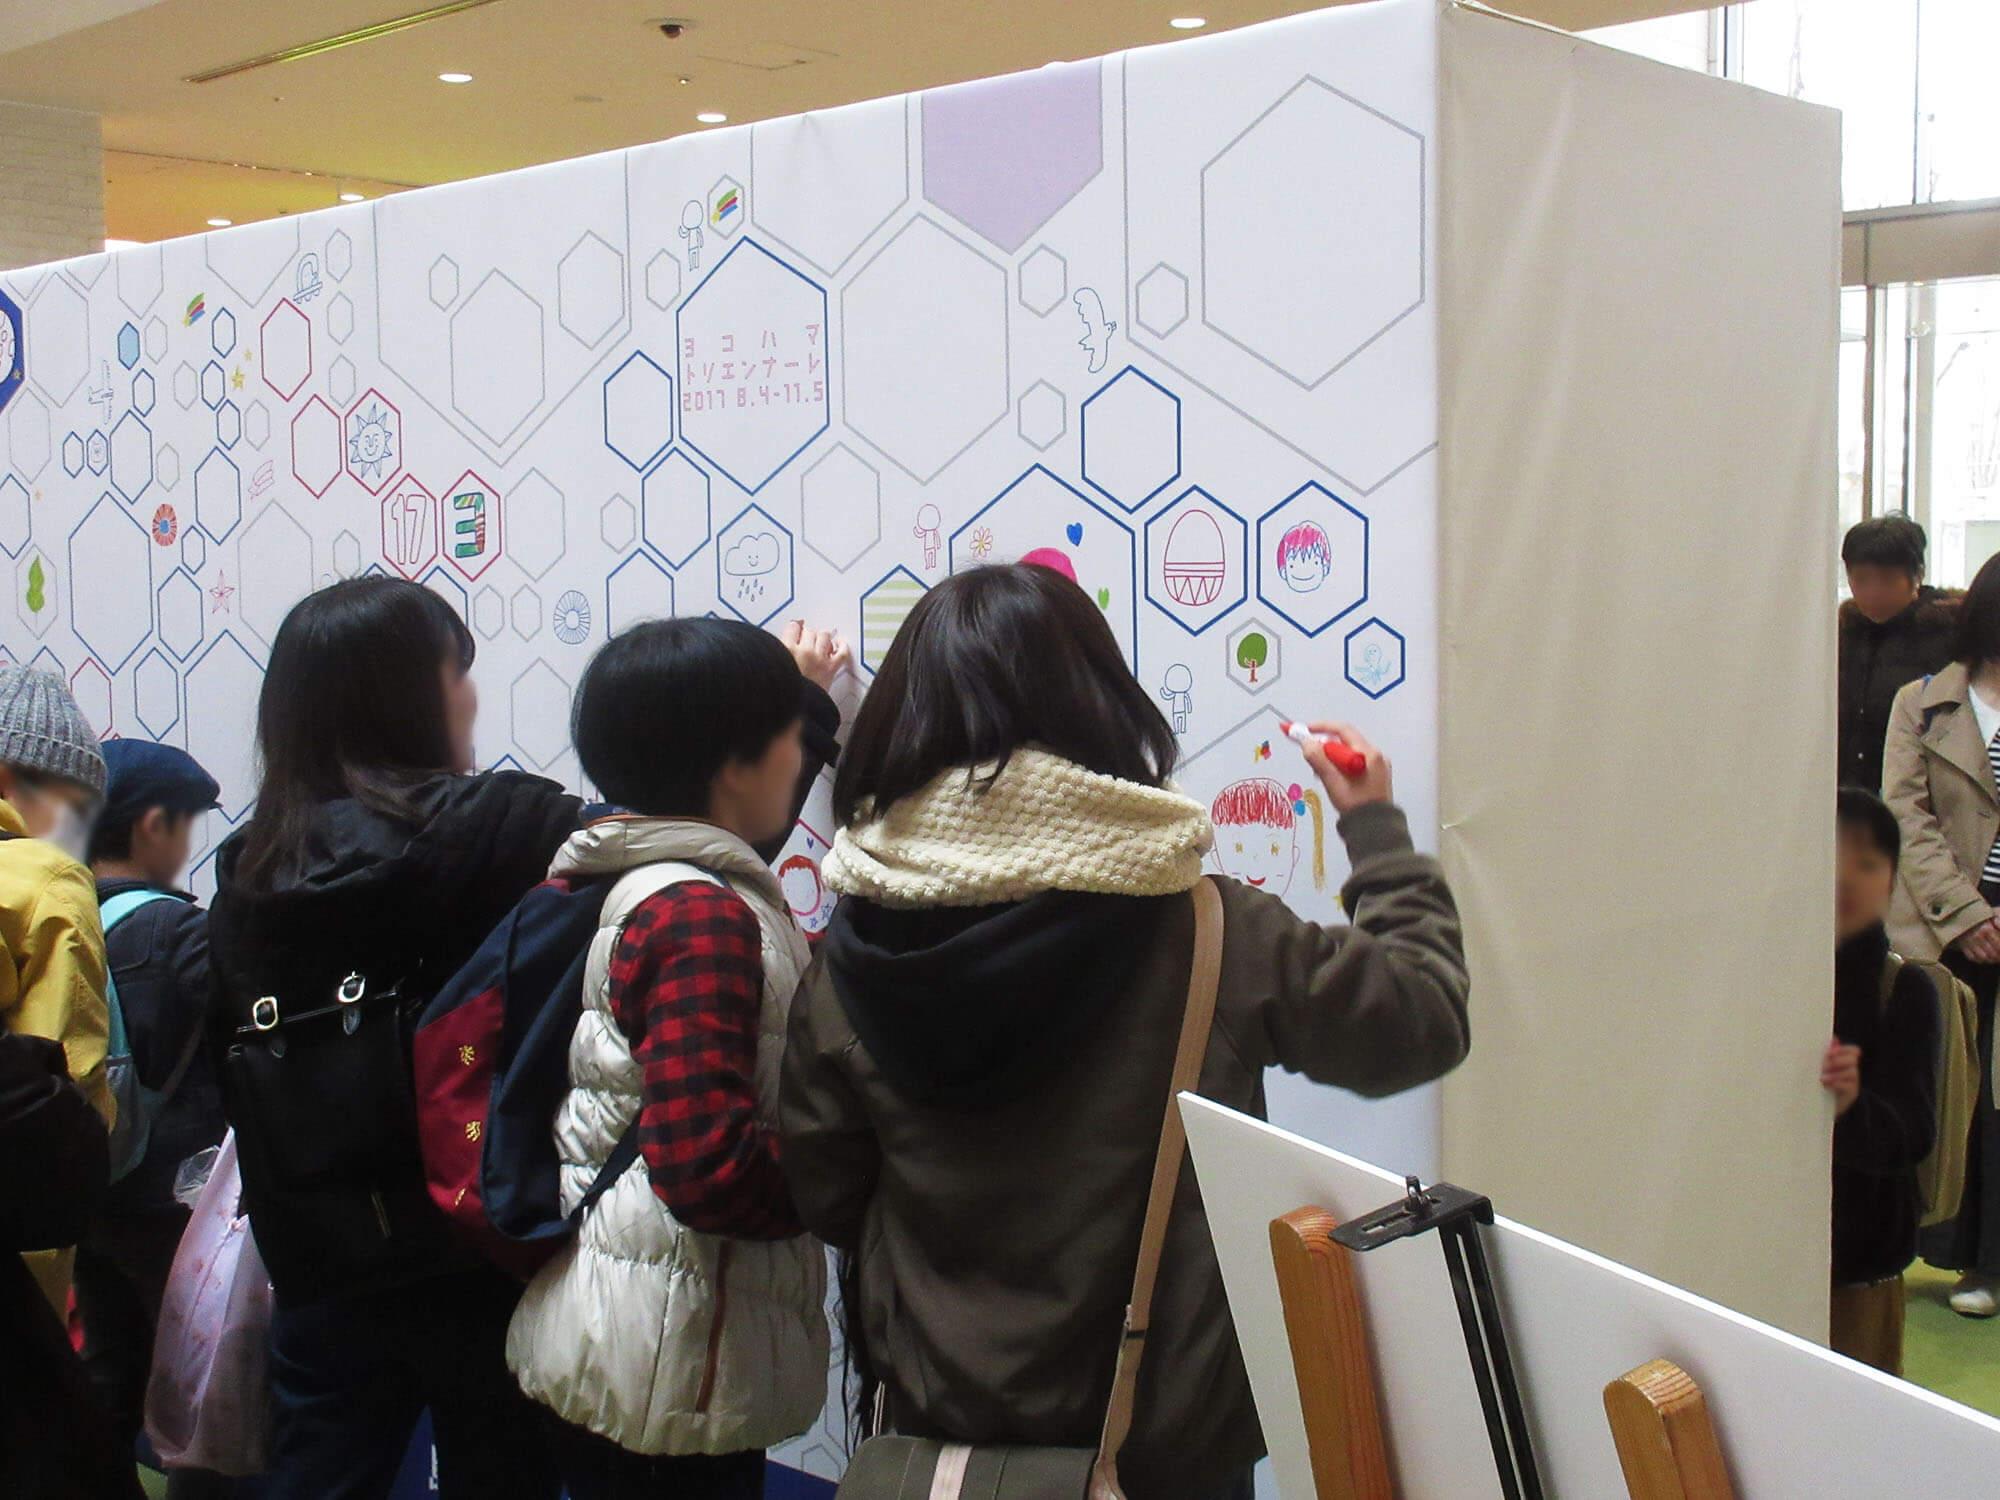 ~みんなでかこう つながろう~ イクタケマコト|offsociety inc. Yokohama Triennale 2017 Promption Program Ikutake Makoto 現代美術・アート Contemporary Art